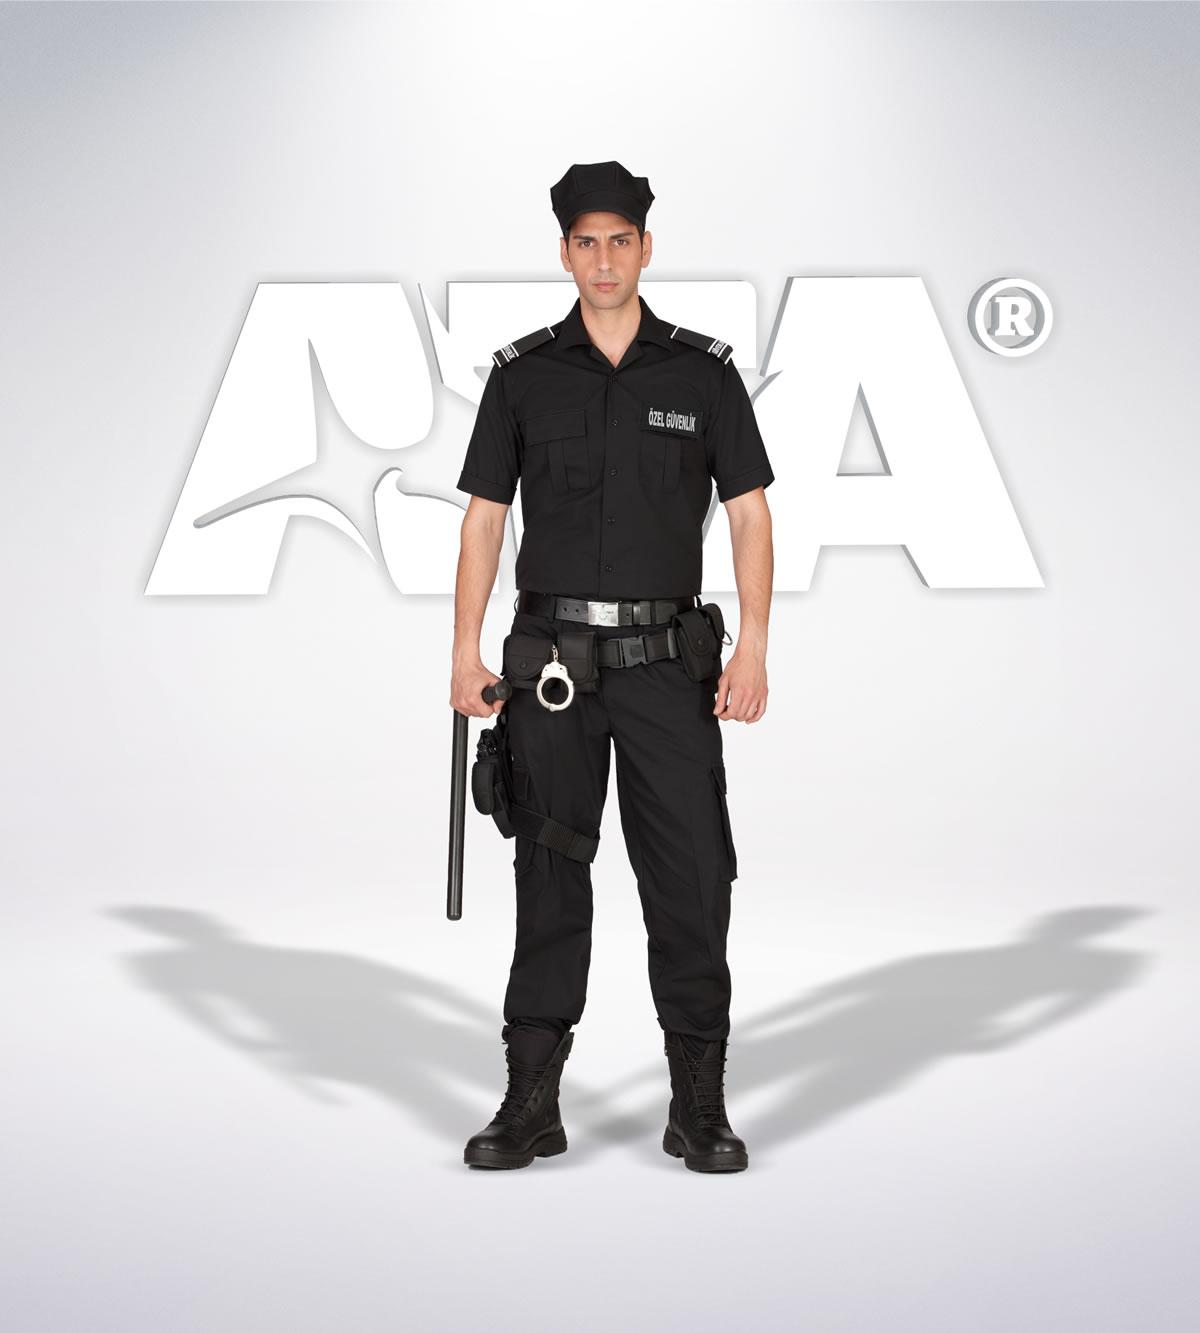 ATA 118 -  Ribstop kumaş pantolon -  ribstop gömlek -kışlık - aksesuar - güvenlik elbiseleri | güvenlik üniformaları | güvenlik kıyafetleri